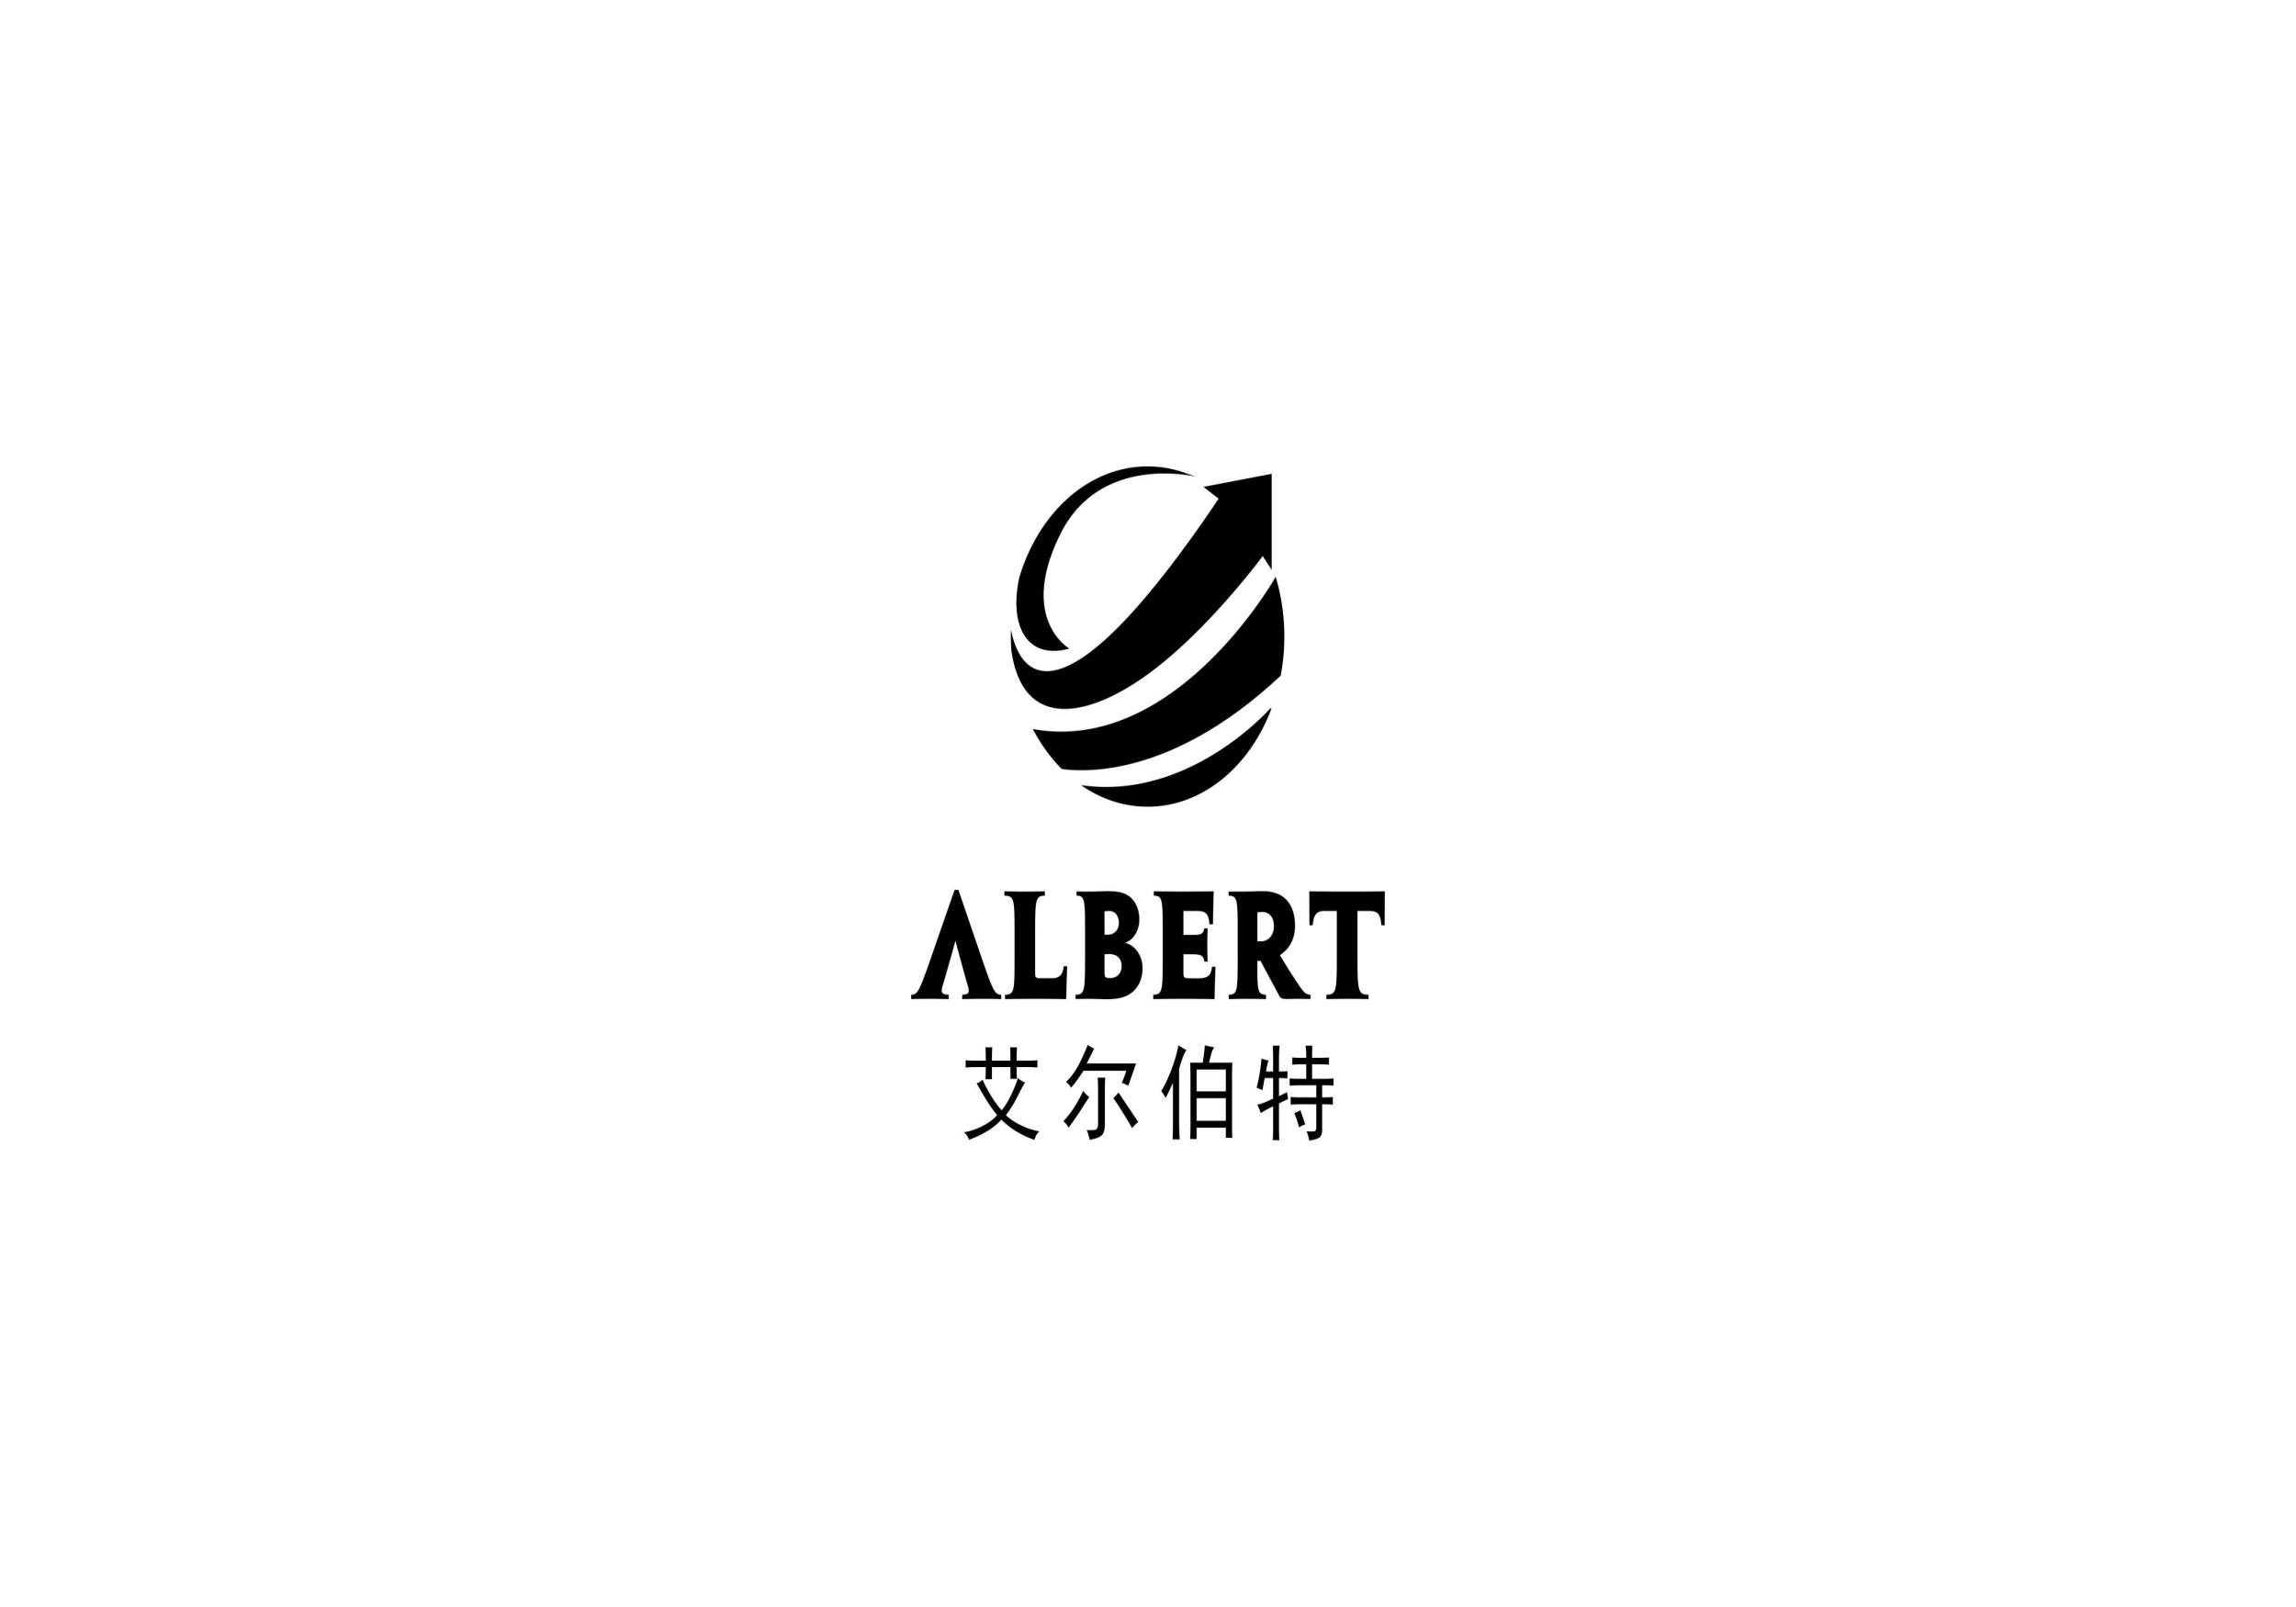 艾尔伯特科贸(北京)有限公司2